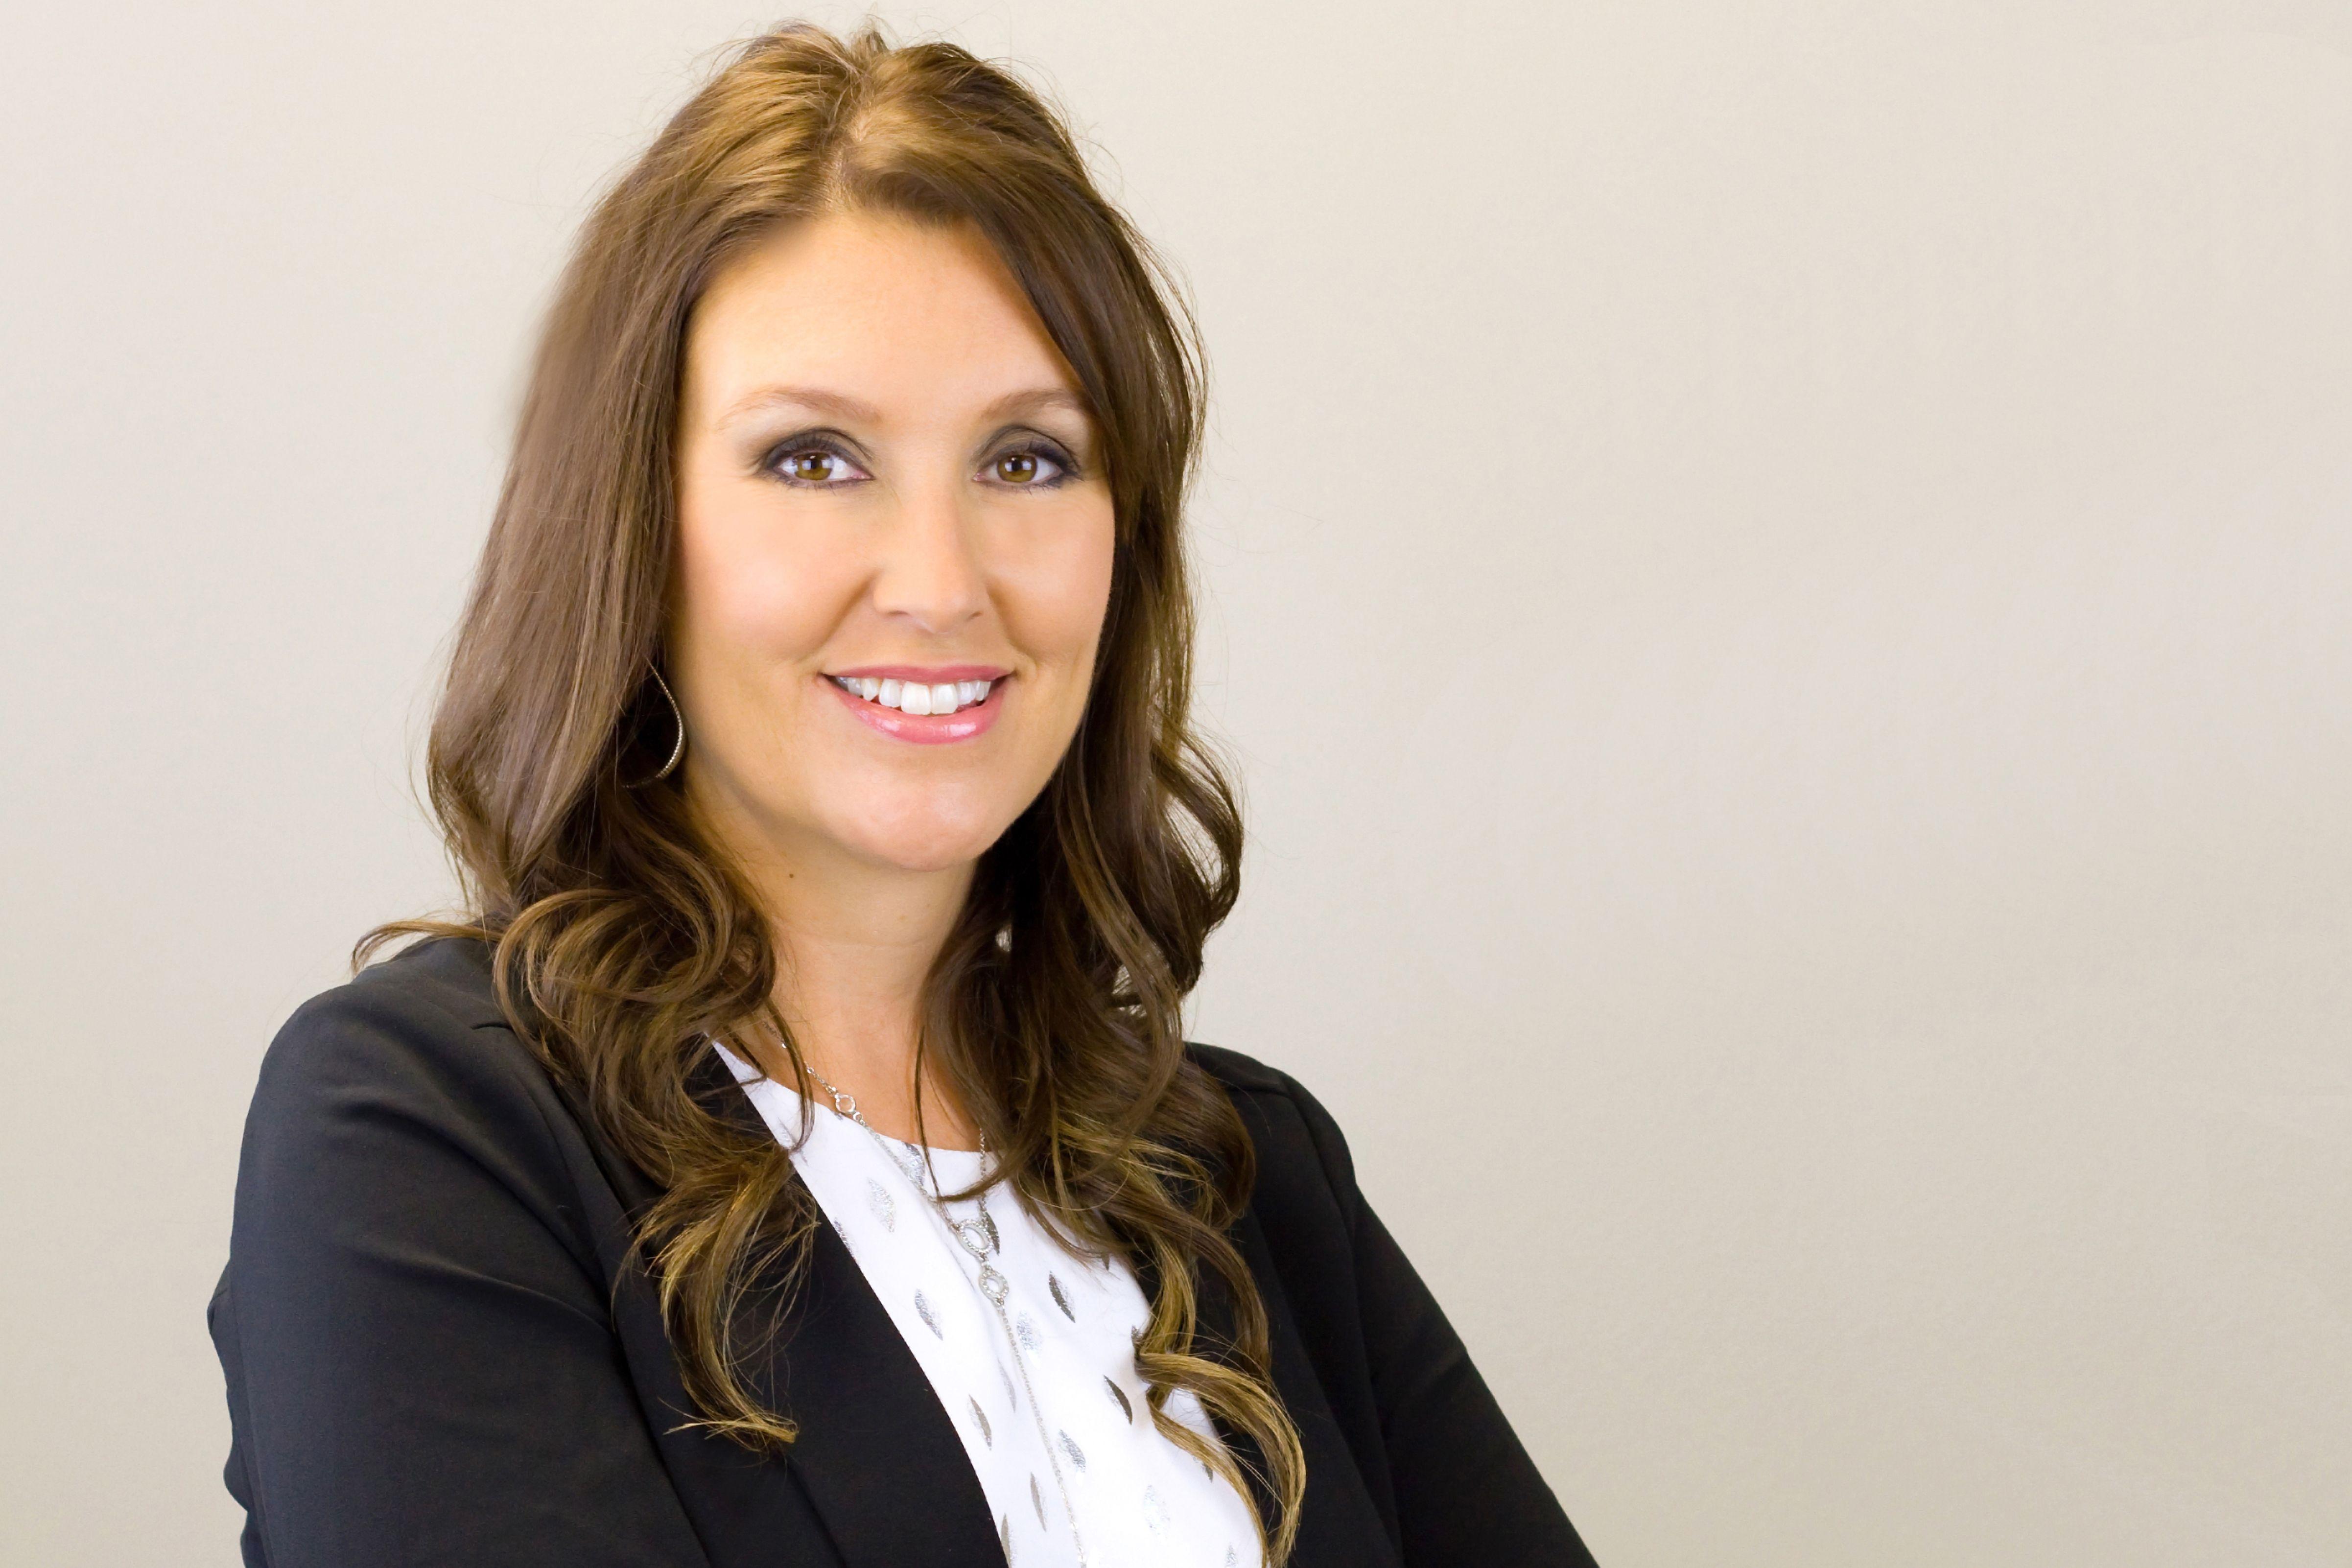 Renae VerMaas - Director of Kids Network